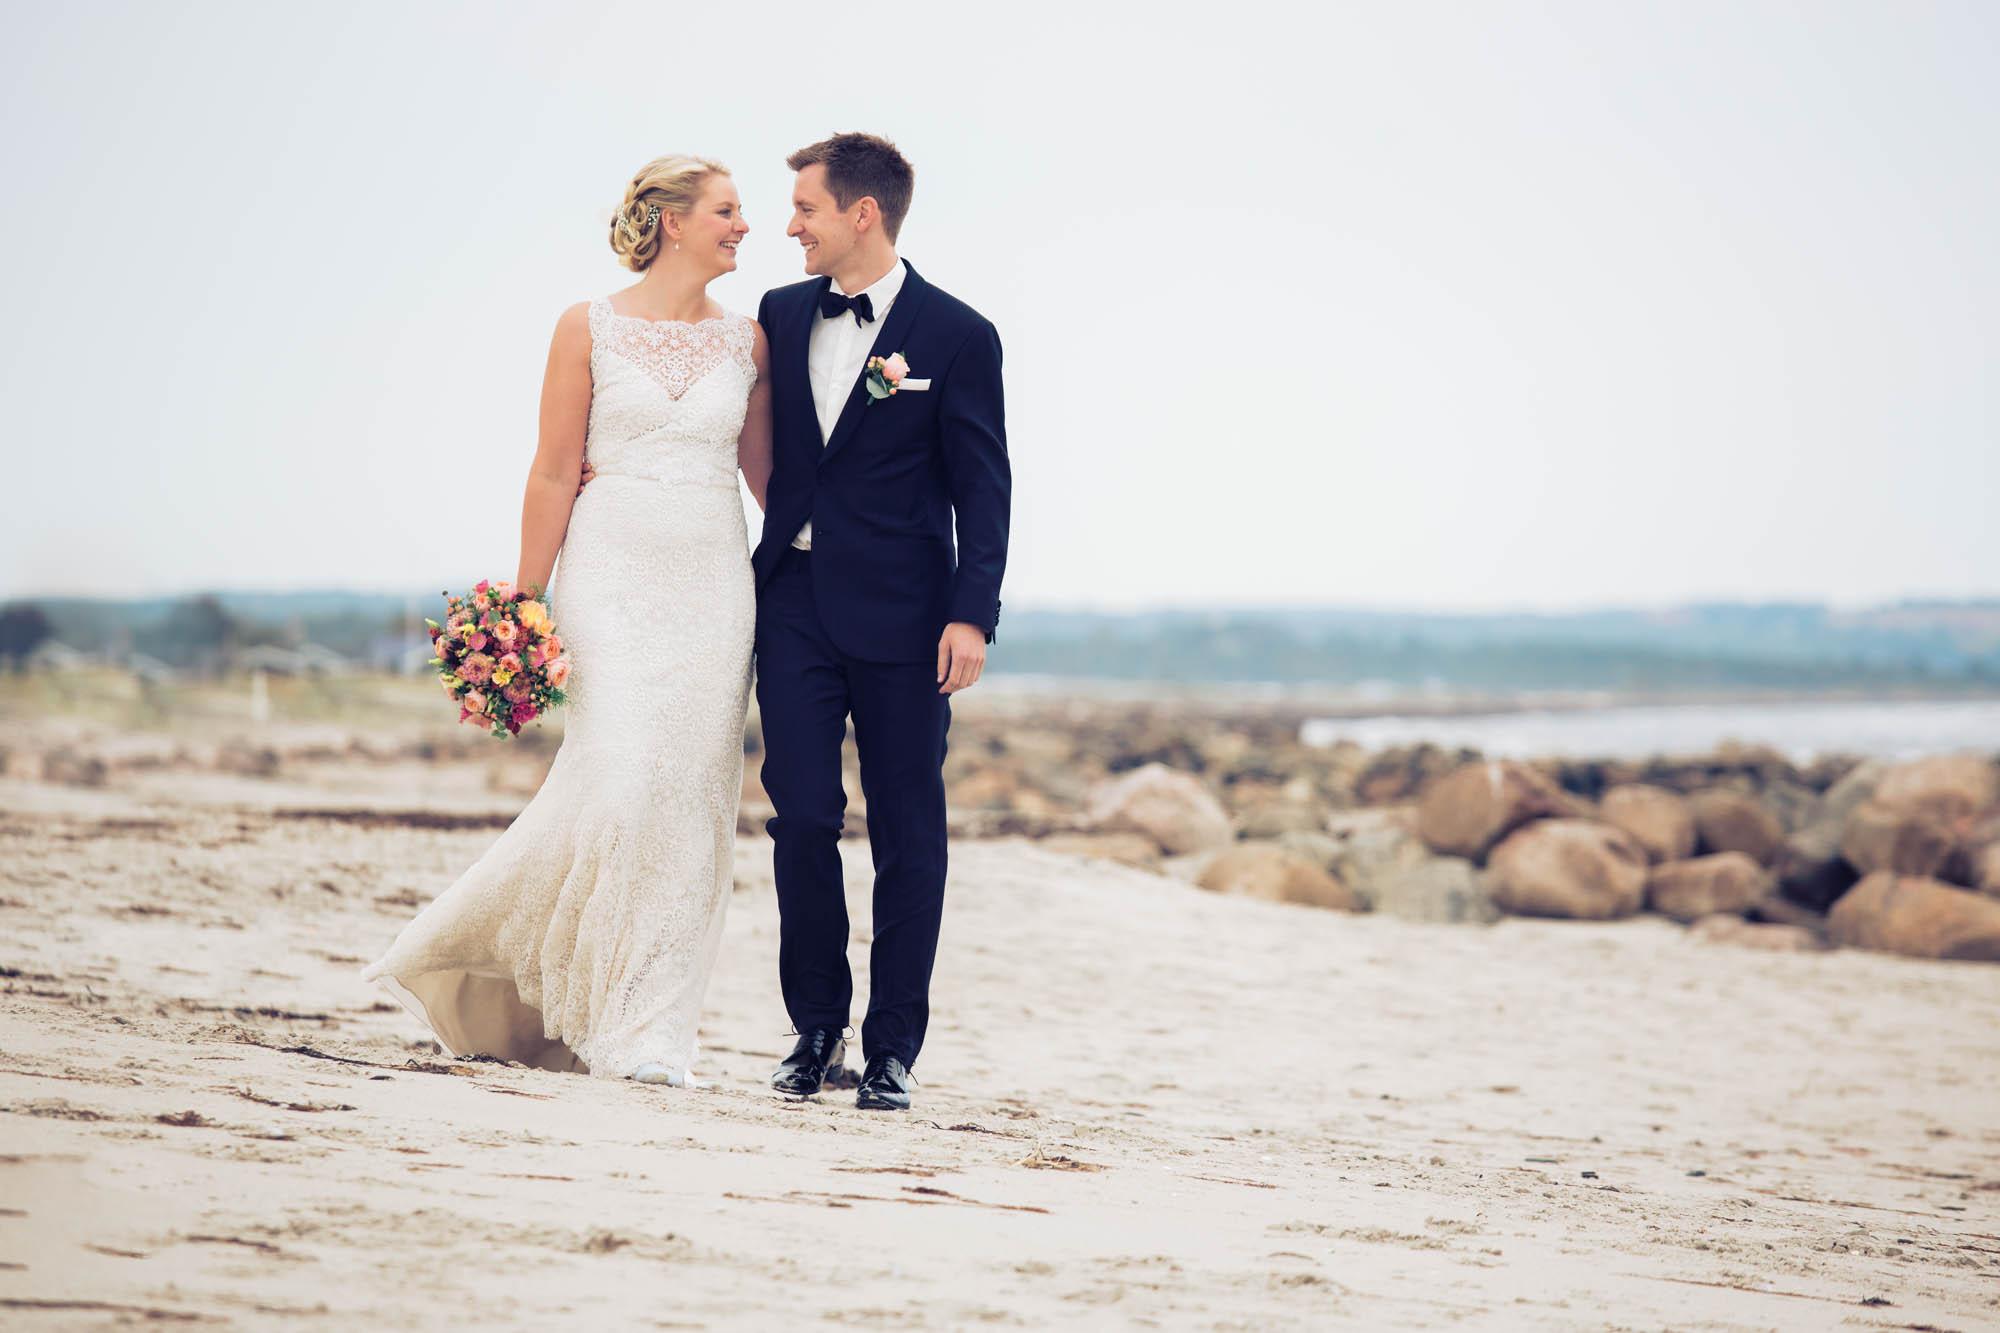 Brudepar fotograferet på strand